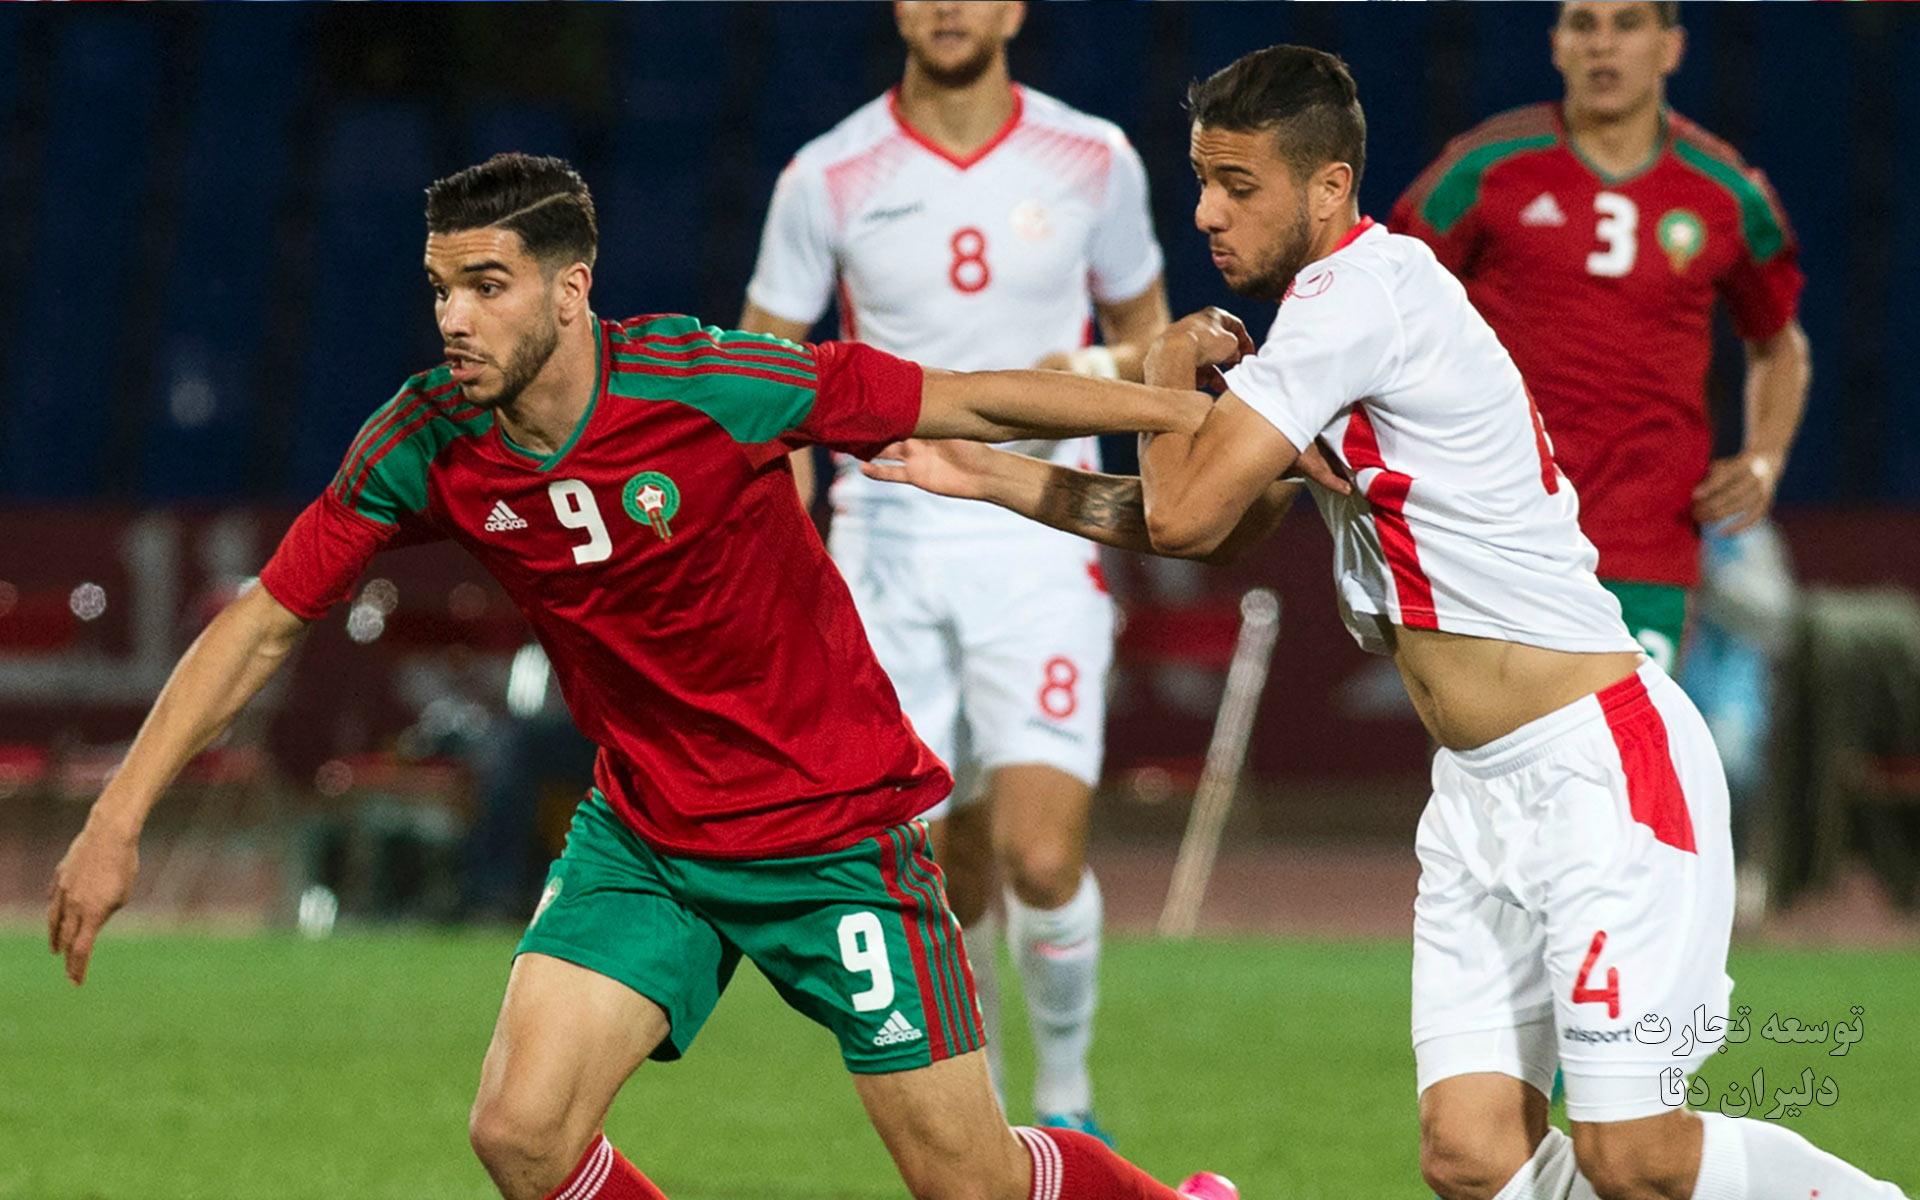 تصاویر با کیفیت تیم ملی فوتبال ایران برای پس زمینه 8